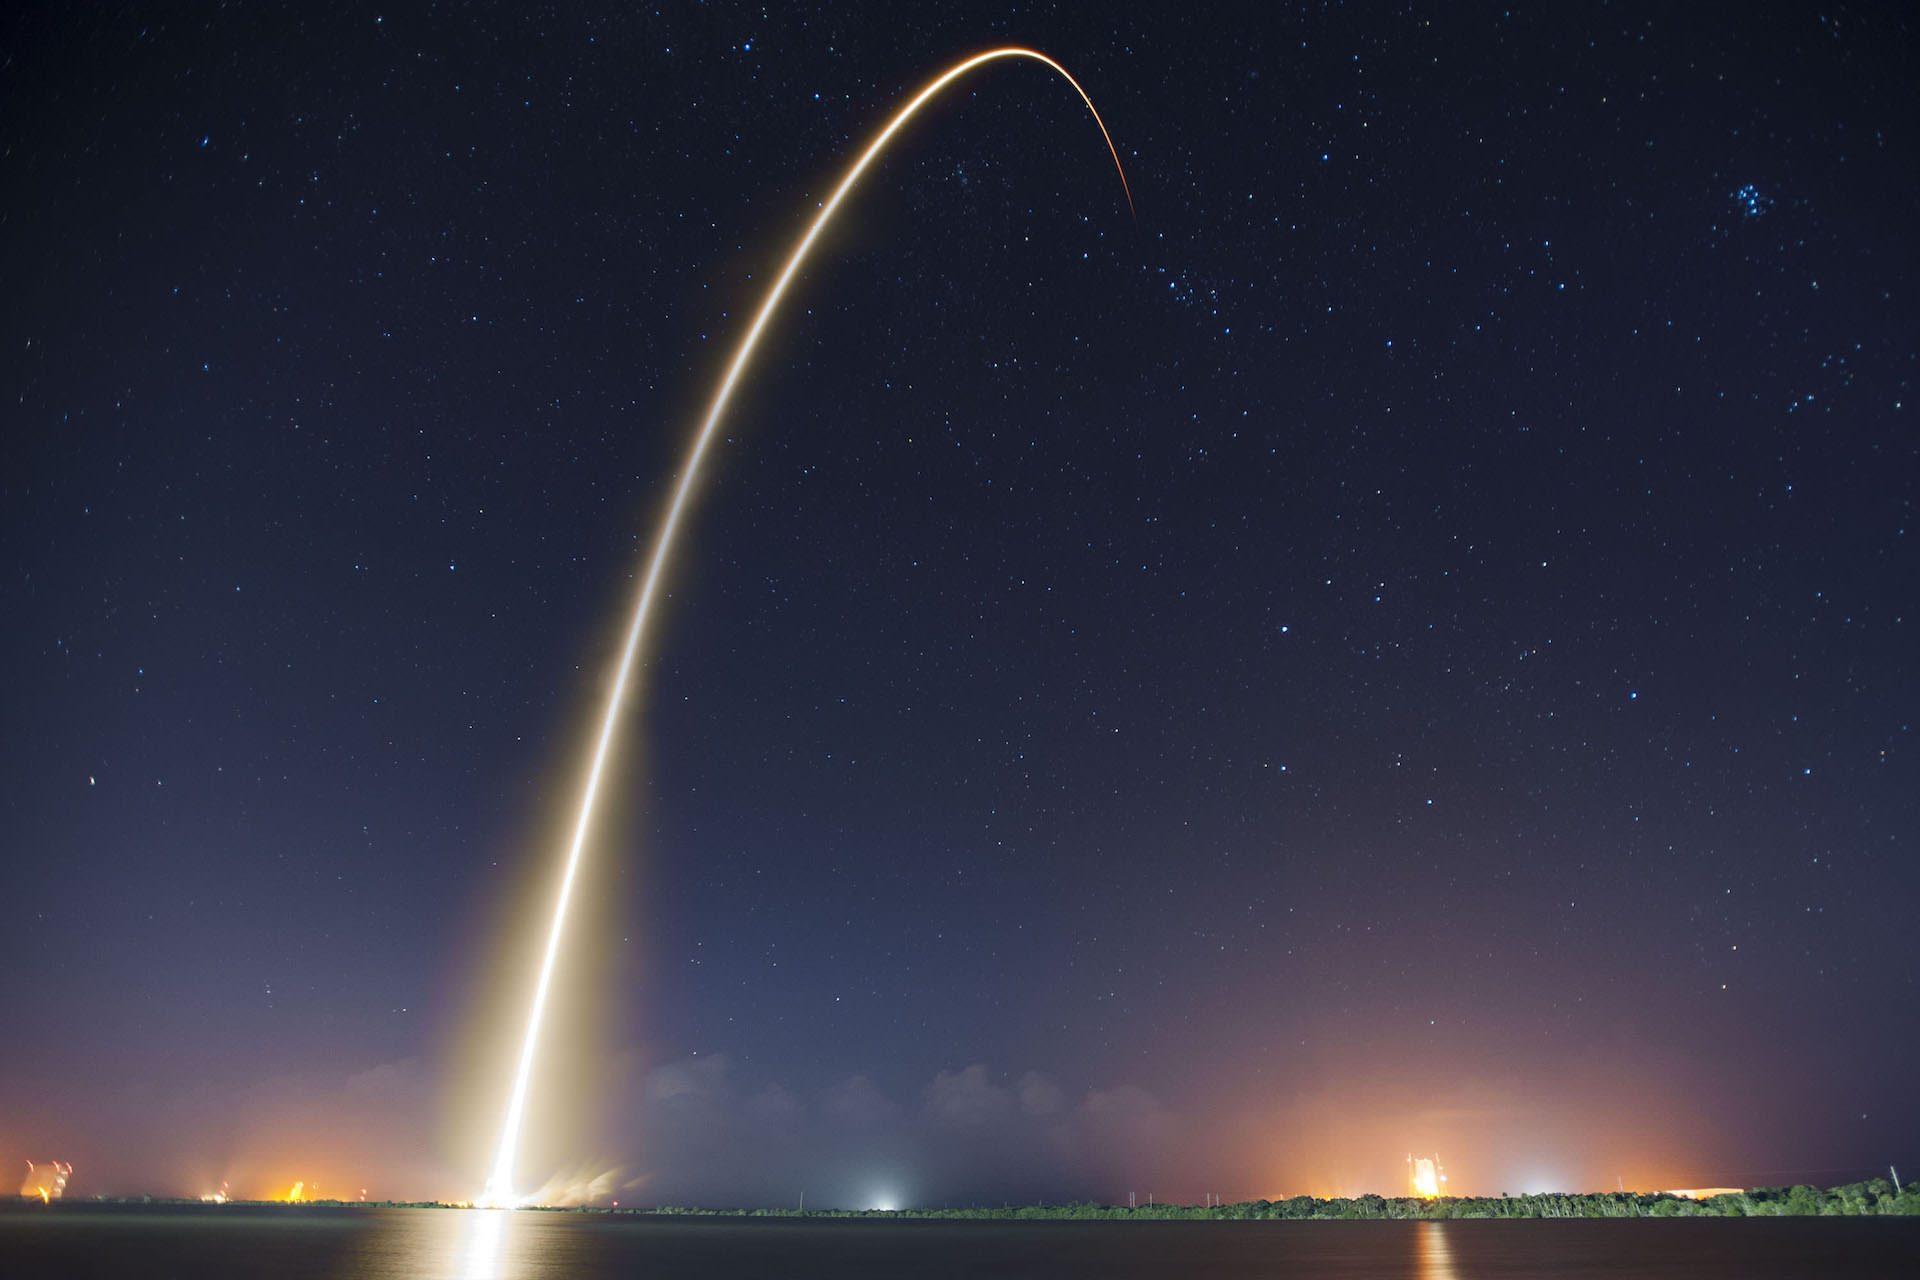 cabo cañaveral, estación espacial, nasa, cohete, despegue - Fondos de Pantalla HD - professor-falken.com